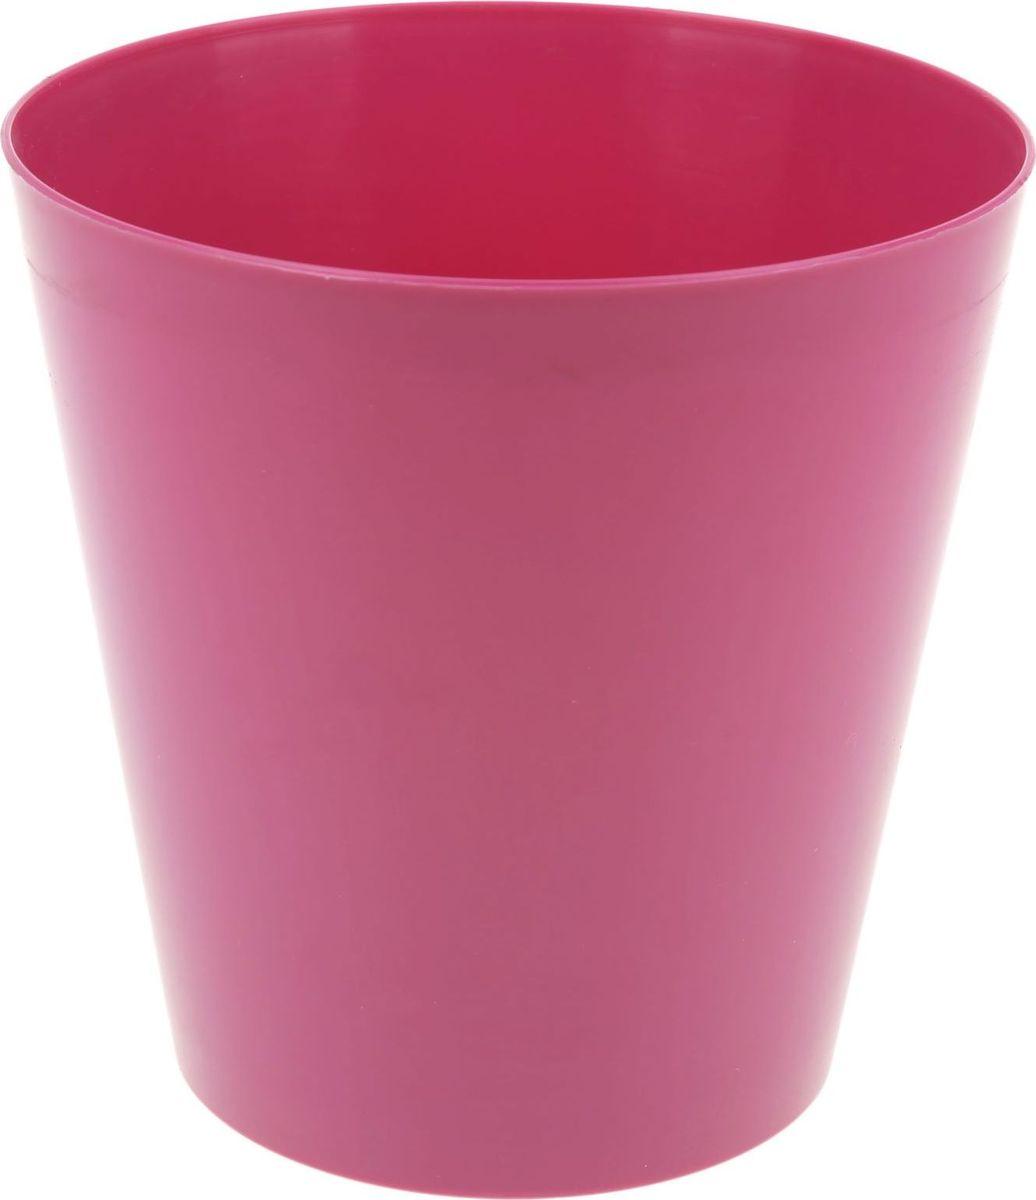 Кашпо Form plastic Вулкано, цвет: розовый, 19 х 19 х 19 см1324771Любой, даже самый современный и продуманный интерьер будет не завершённым без растений. Они не только очищают воздух и насыщают его кислородом, но и заметно украшают окружающее пространство. Такому полезному &laquo члену семьи&raquoпросто необходимо красивое и функциональное кашпо, оригинальный горшок или необычная ваза! Мы предлагаем - Кашпо 19 см Вулкано, цвет розовый!Оптимальный выбор материала &mdash &nbsp пластмасса! Почему мы так считаем? Малый вес. С лёгкостью переносите горшки и кашпо с места на место, ставьте их на столики или полки, подвешивайте под потолок, не беспокоясь о нагрузке. Простота ухода. Пластиковые изделия не нуждаются в специальных условиях хранения. Их&nbsp легко чистить &mdashдостаточно просто сполоснуть тёплой водой. Никаких царапин. Пластиковые кашпо не царапают и не загрязняют поверхности, на которых стоят. Пластик дольше хранит влагу, а значит &mdashрастение реже нуждается в поливе. Пластмасса не пропускает воздух &mdashкорневой системе растения не грозят резкие перепады температур. Огромный выбор форм, декора и расцветок &mdashвы без труда подберёте что-то, что идеально впишется в уже существующий интерьер.Соблюдая нехитрые правила ухода, вы можете заметно продлить срок службы горшков, вазонов и кашпо из пластика: всегда учитывайте размер кроны и корневой системы растения (при разрастании большое растение способно повредить маленький горшок)берегите изделие от воздействия прямых солнечных лучей, чтобы кашпо и горшки не выцветалидержите кашпо и горшки из пластика подальше от нагревающихся поверхностей.Создавайте прекрасные цветочные композиции, выращивайте рассаду или необычные растения, а низкие цены позволят вам не ограничивать себя в выборе.